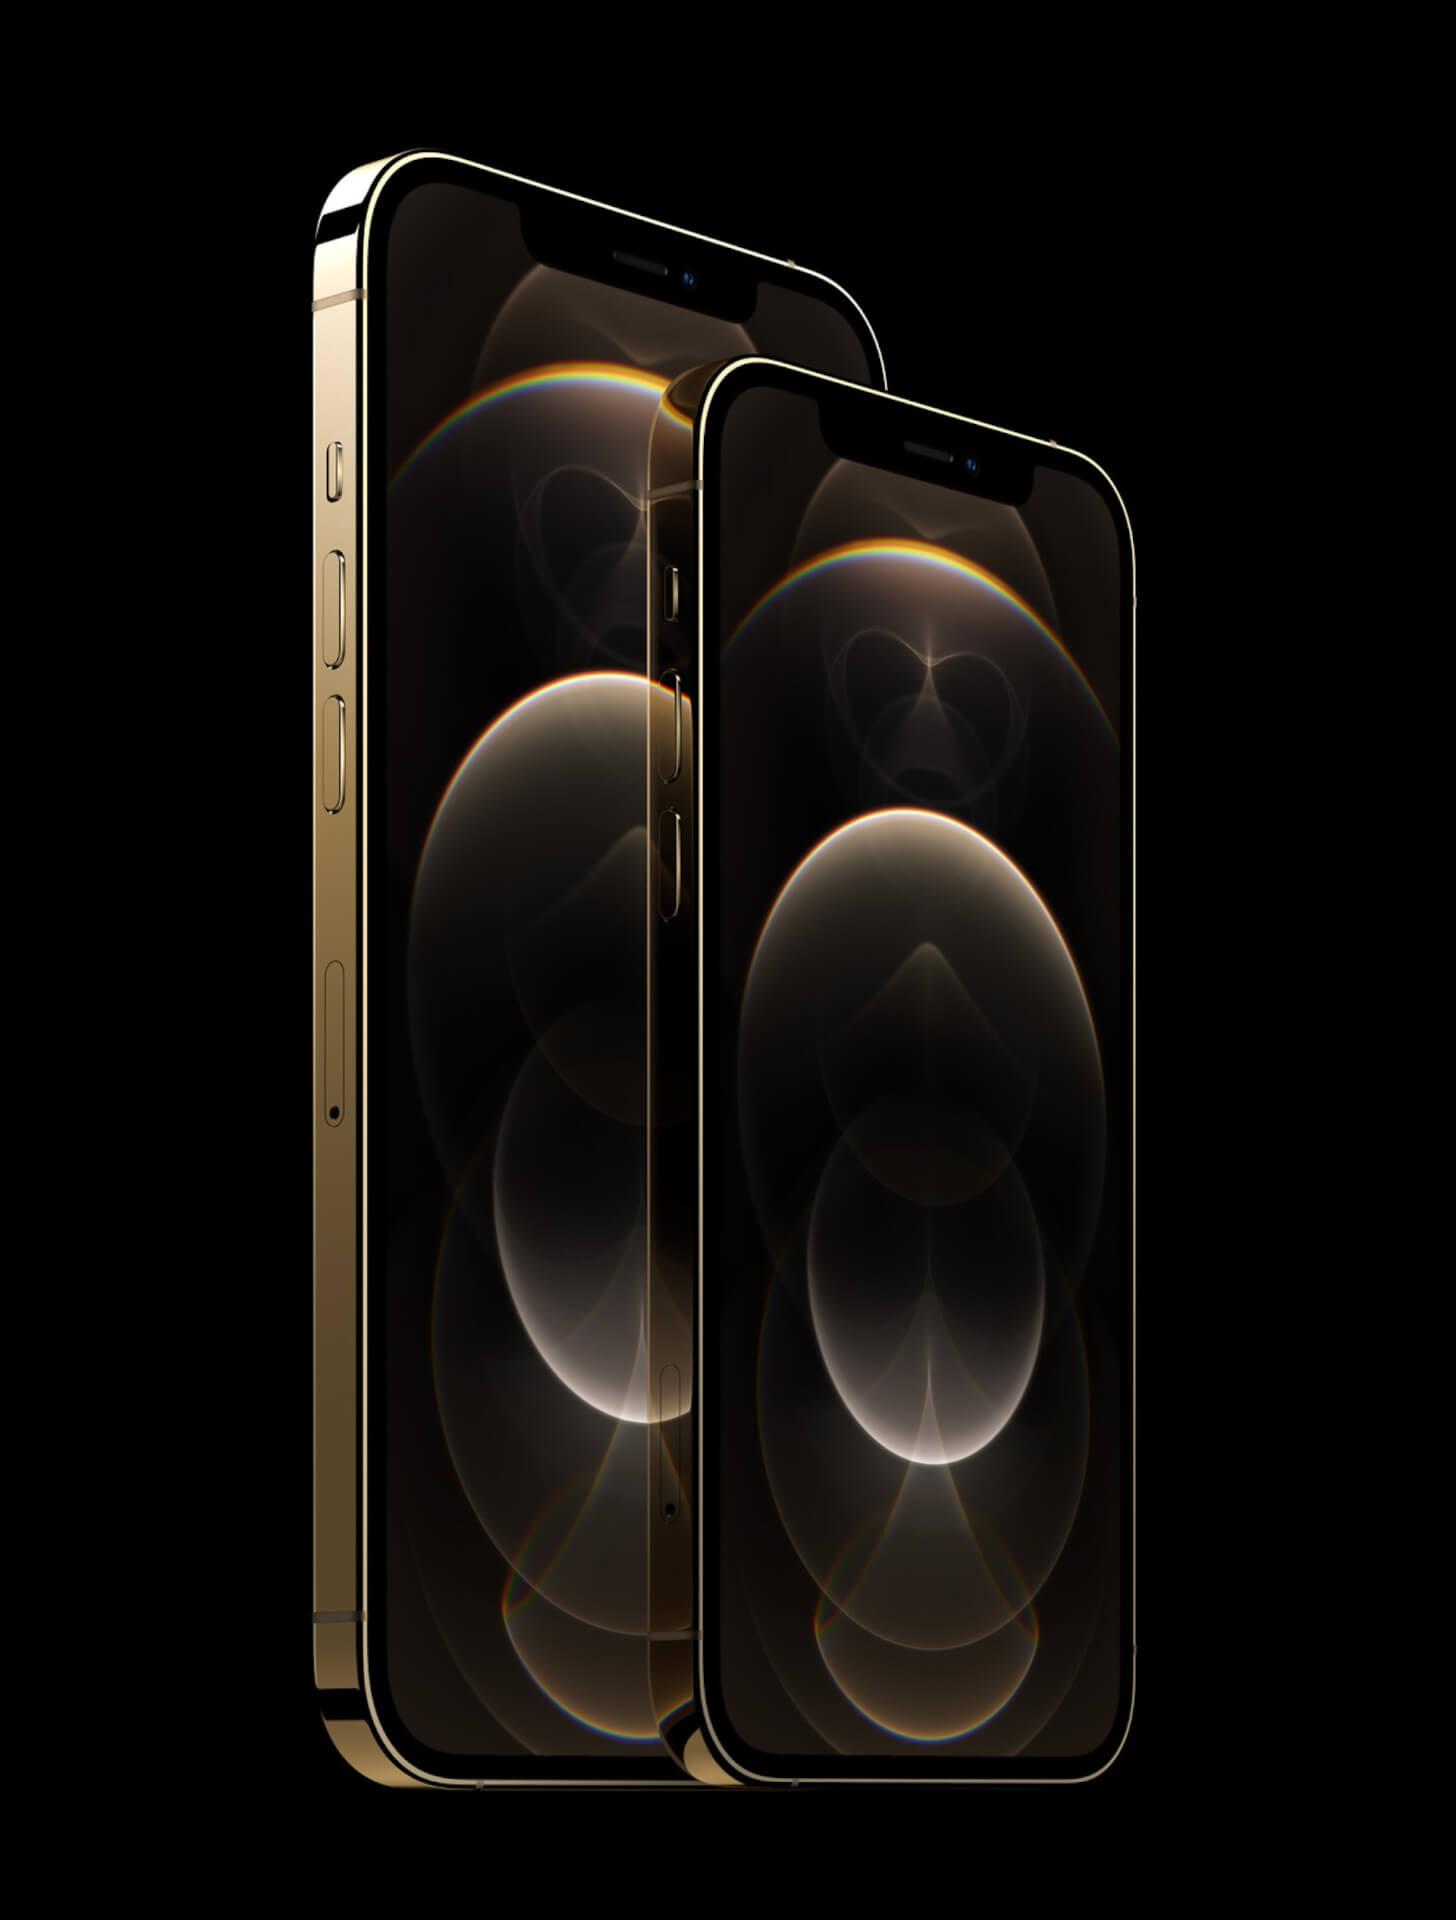 5G対応のiPhone 12シリーズがついに発表!新デザイン、A14 Bionicチップ、MagSafeなど特長をおさらい tech201014_iphone12_3